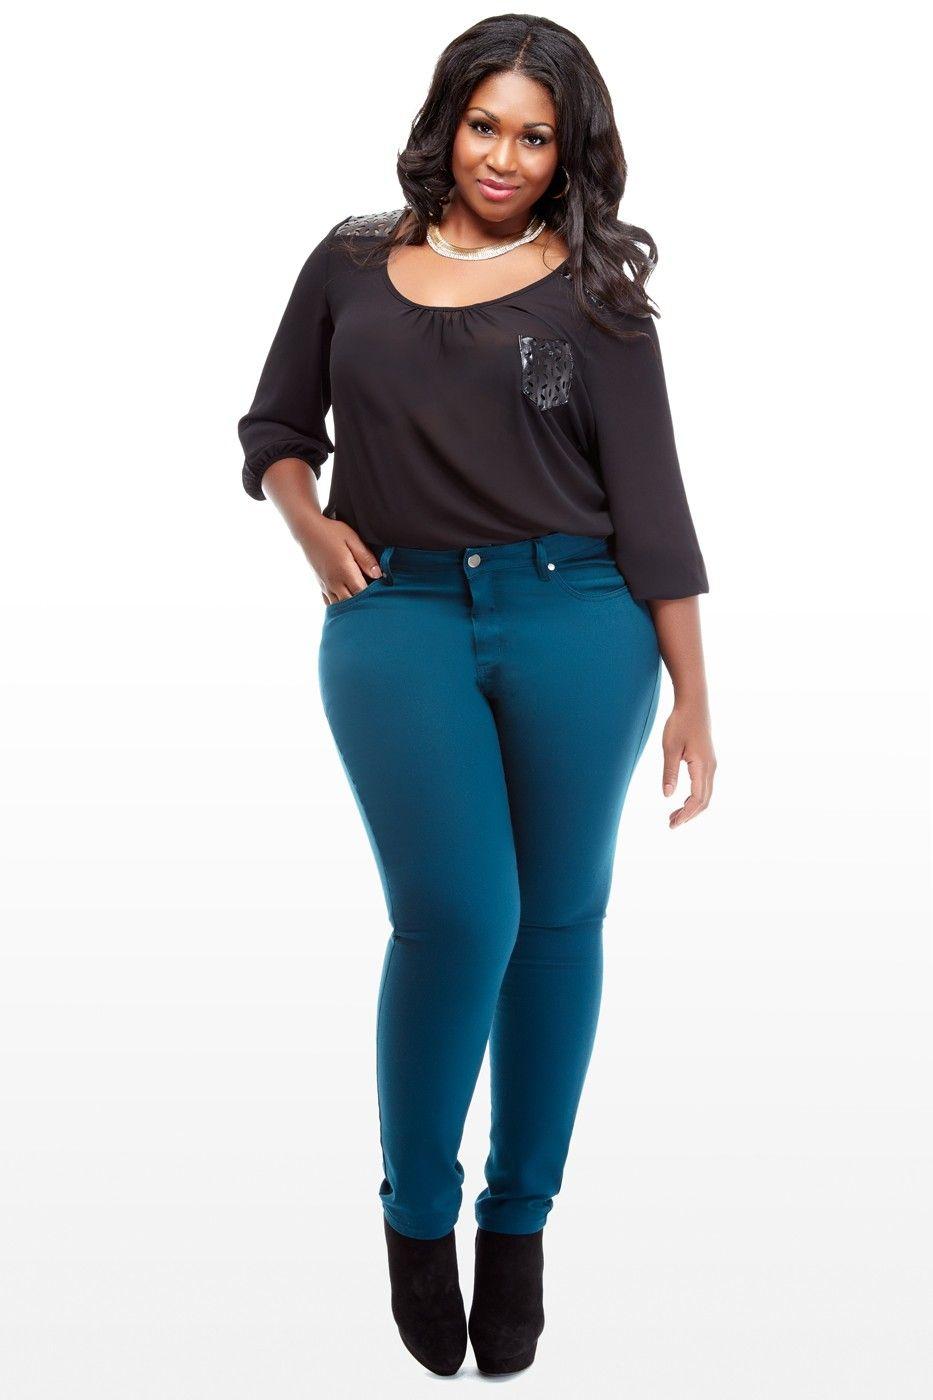 Jeans - isjeans.com - Part 90